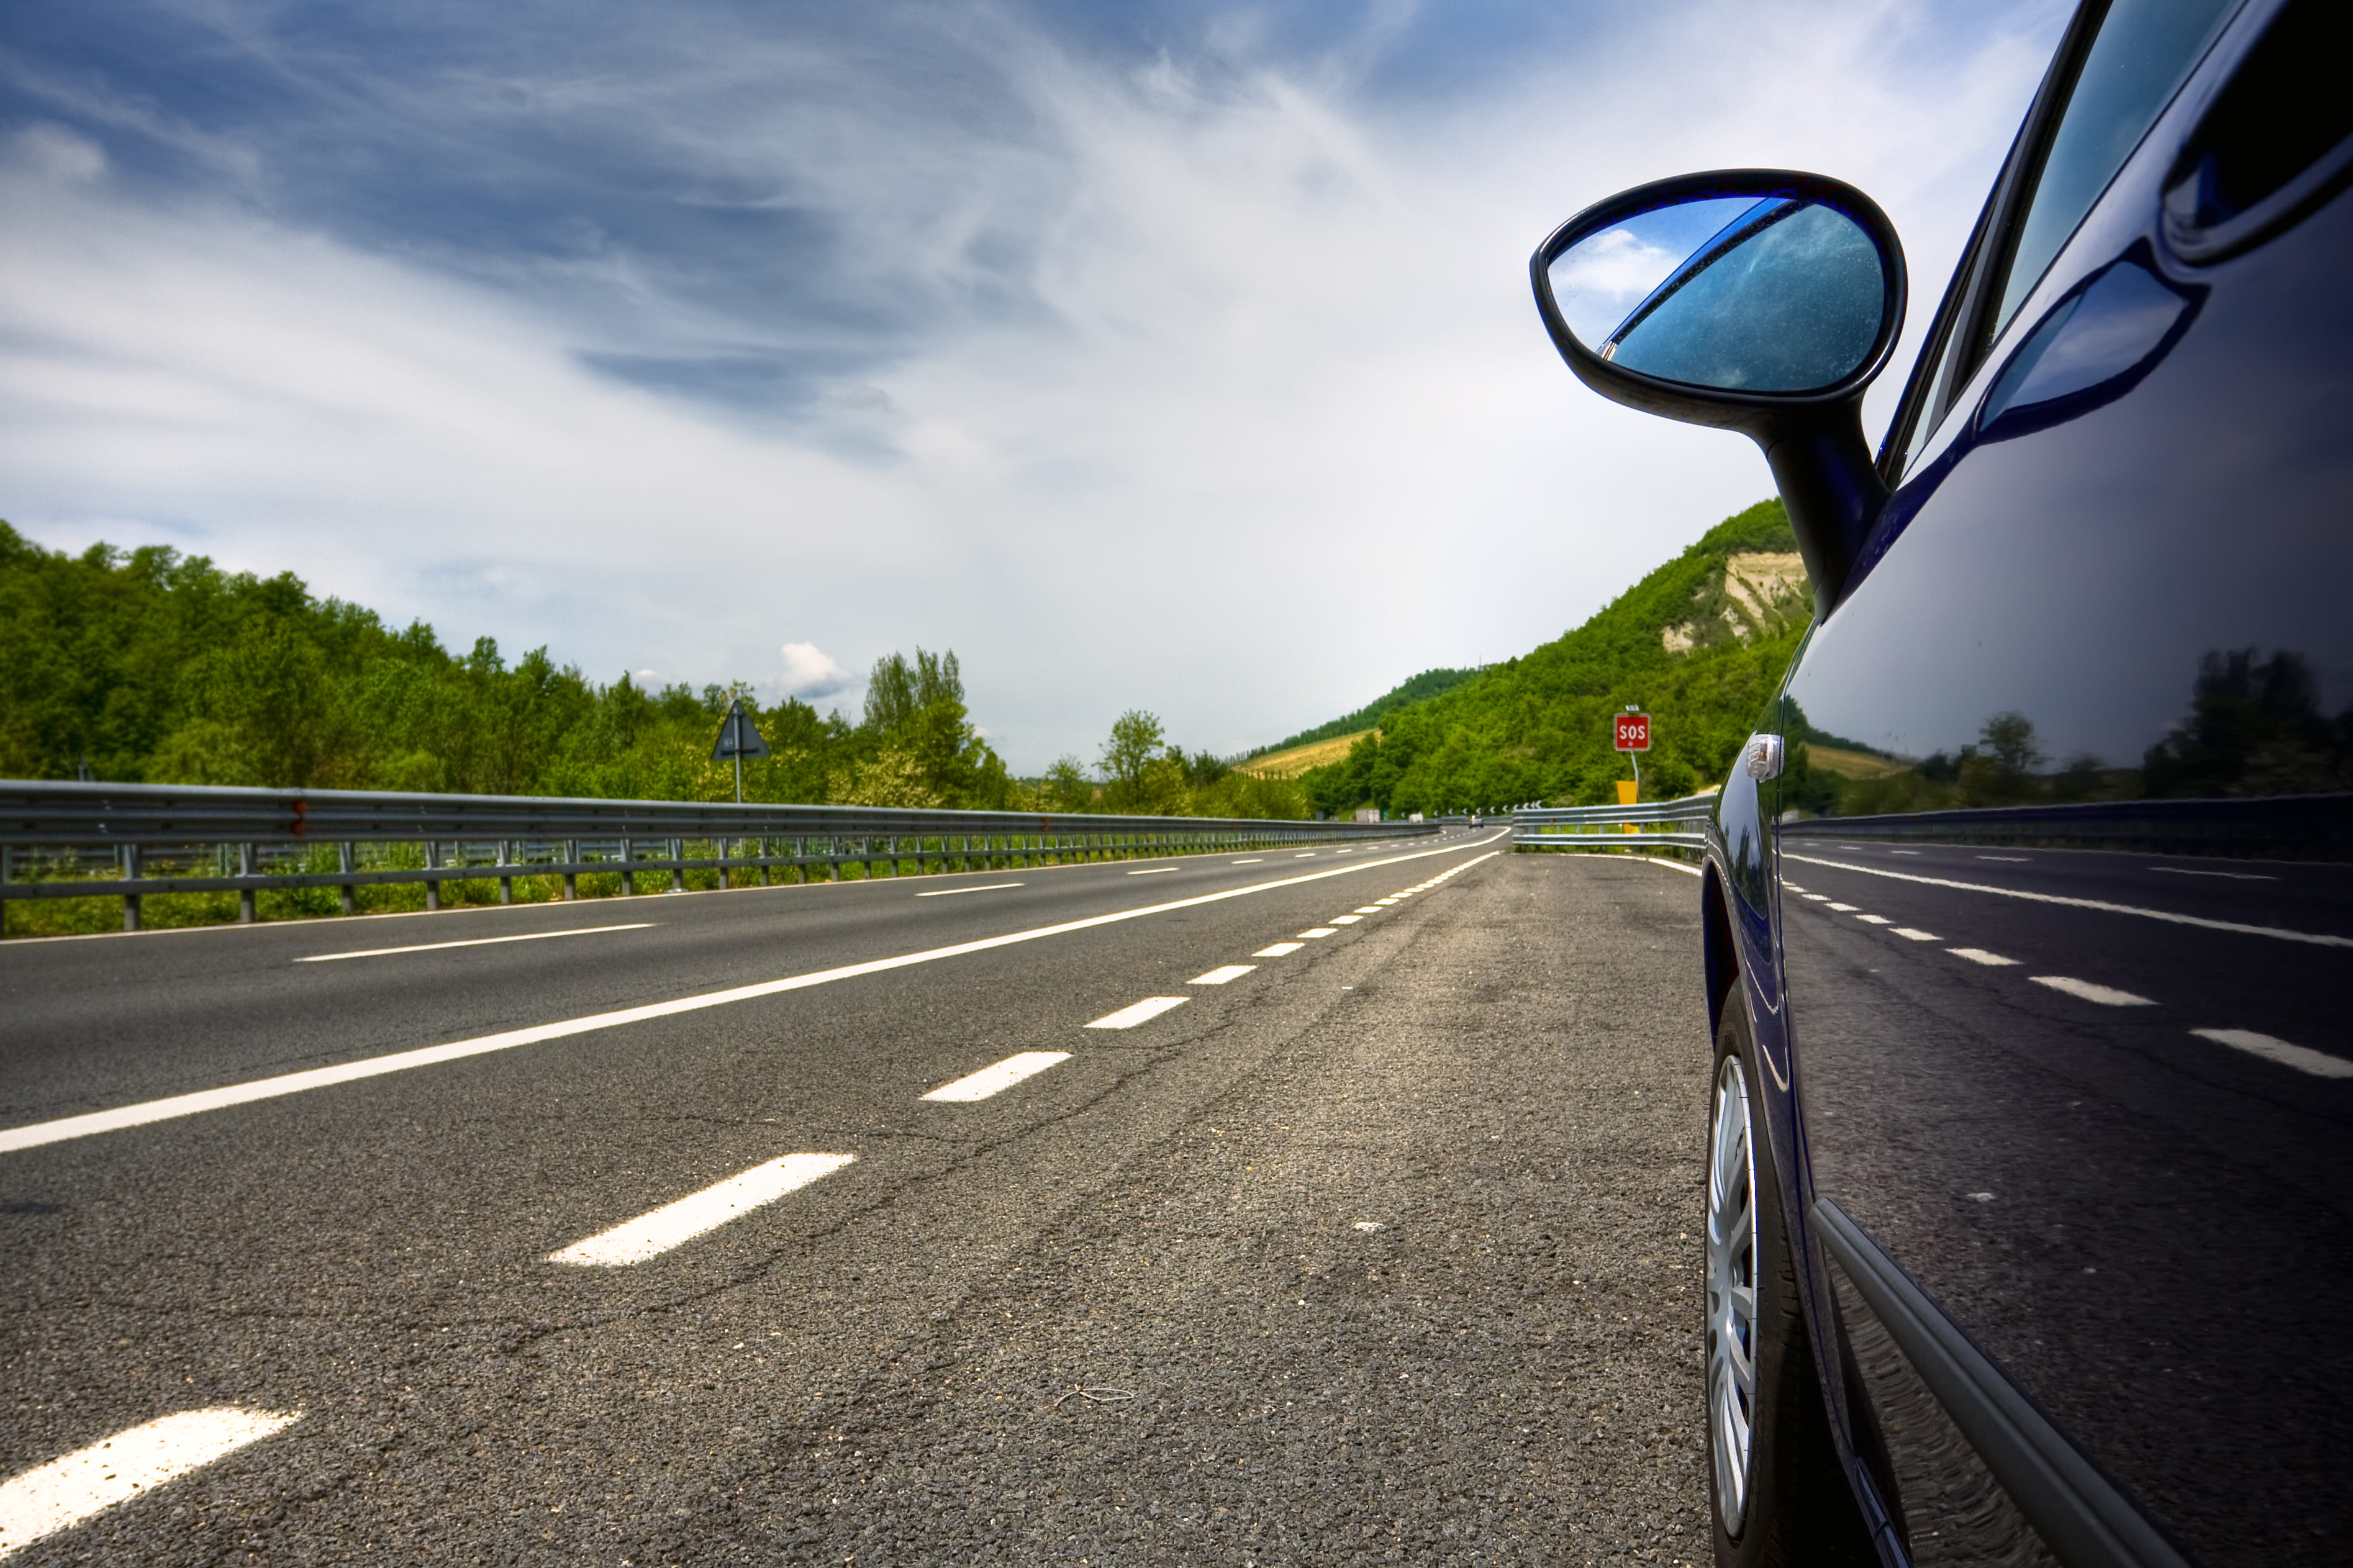 「アテンザ」の中古車を自社ローンで購入した方の車両価格相場と口コミ(体験談)